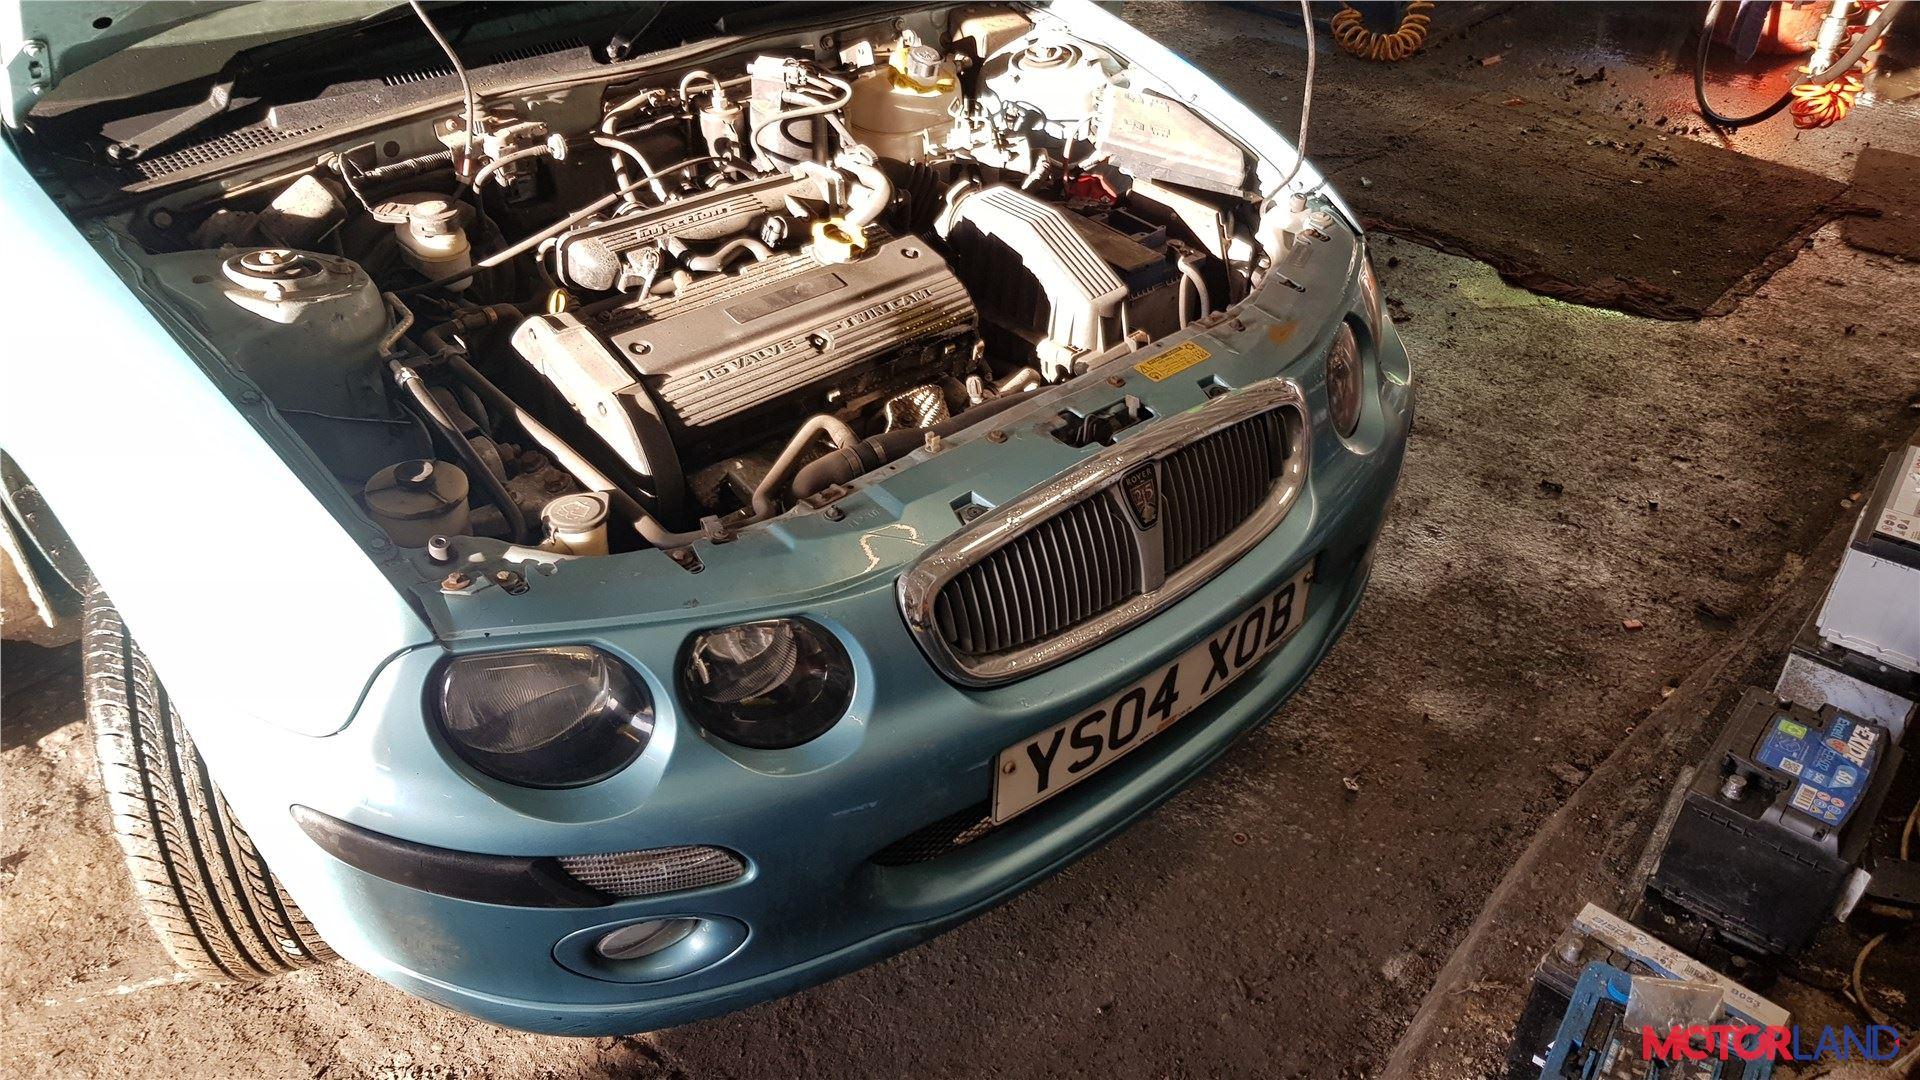 Rover 25 2000-2005 1.4 литра Бензин Инжектор, разборочный номер T14265 #1